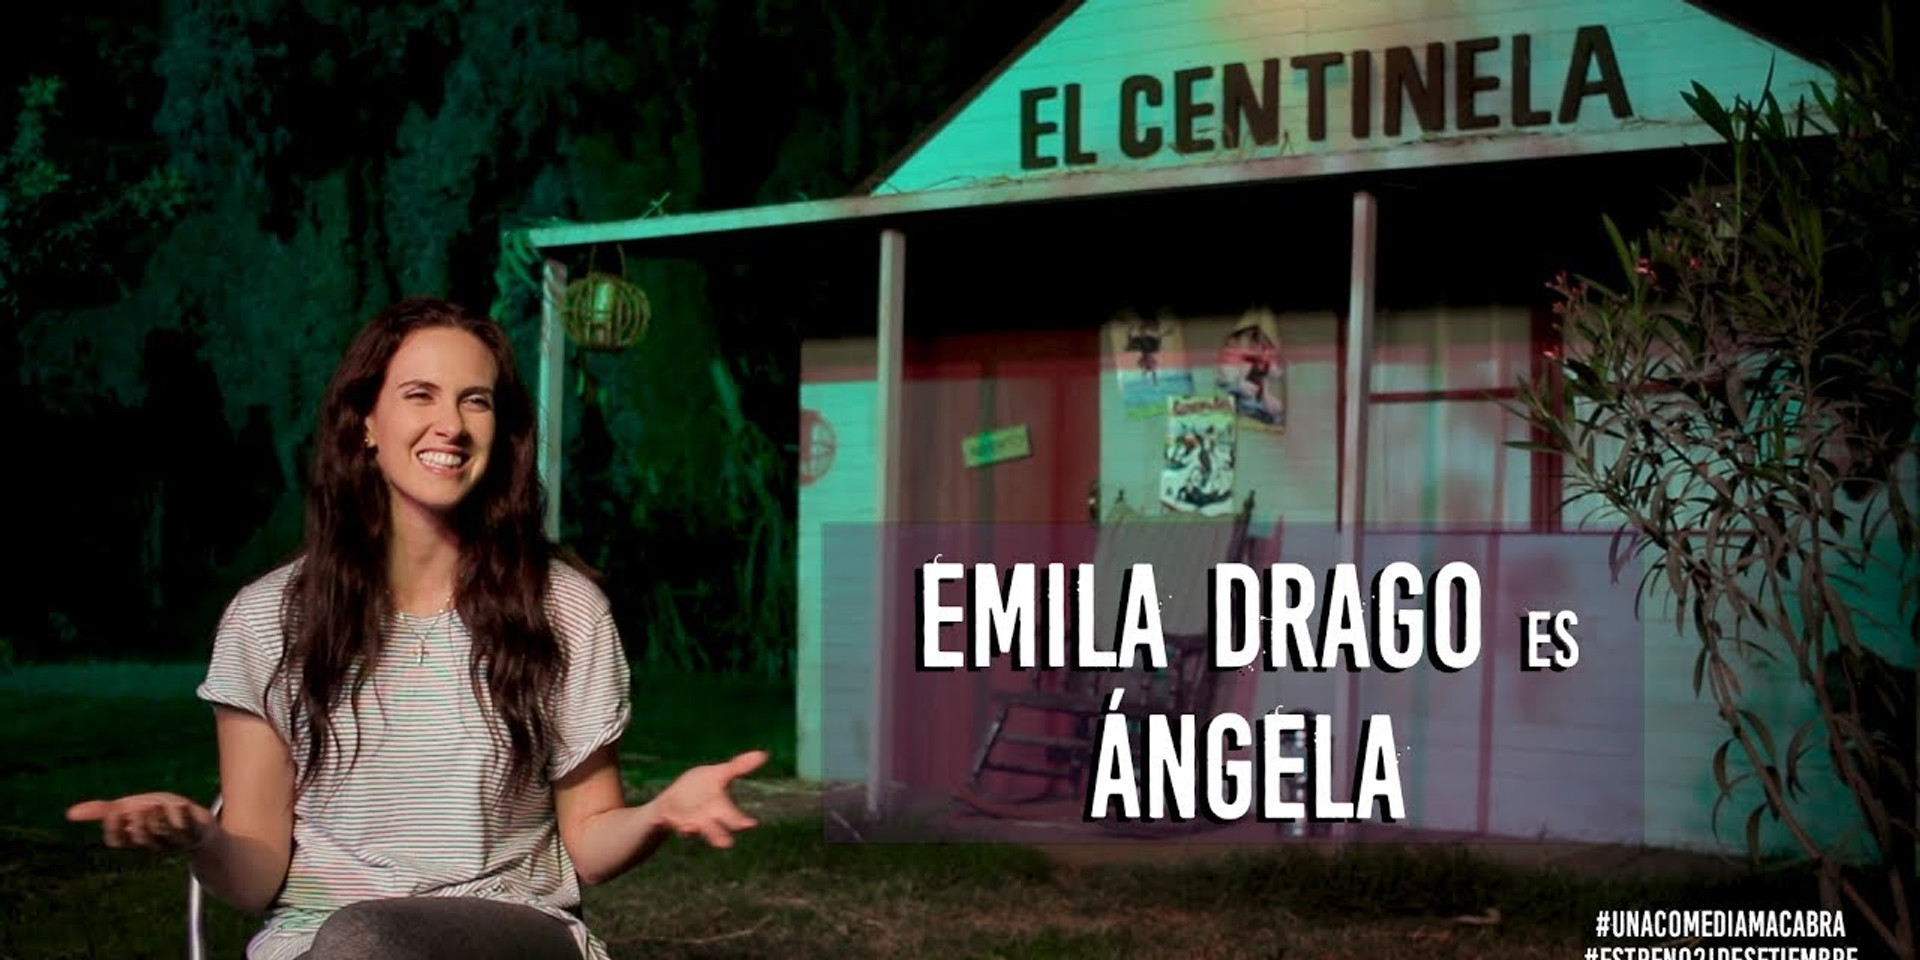 Emilia Drago es Ángela